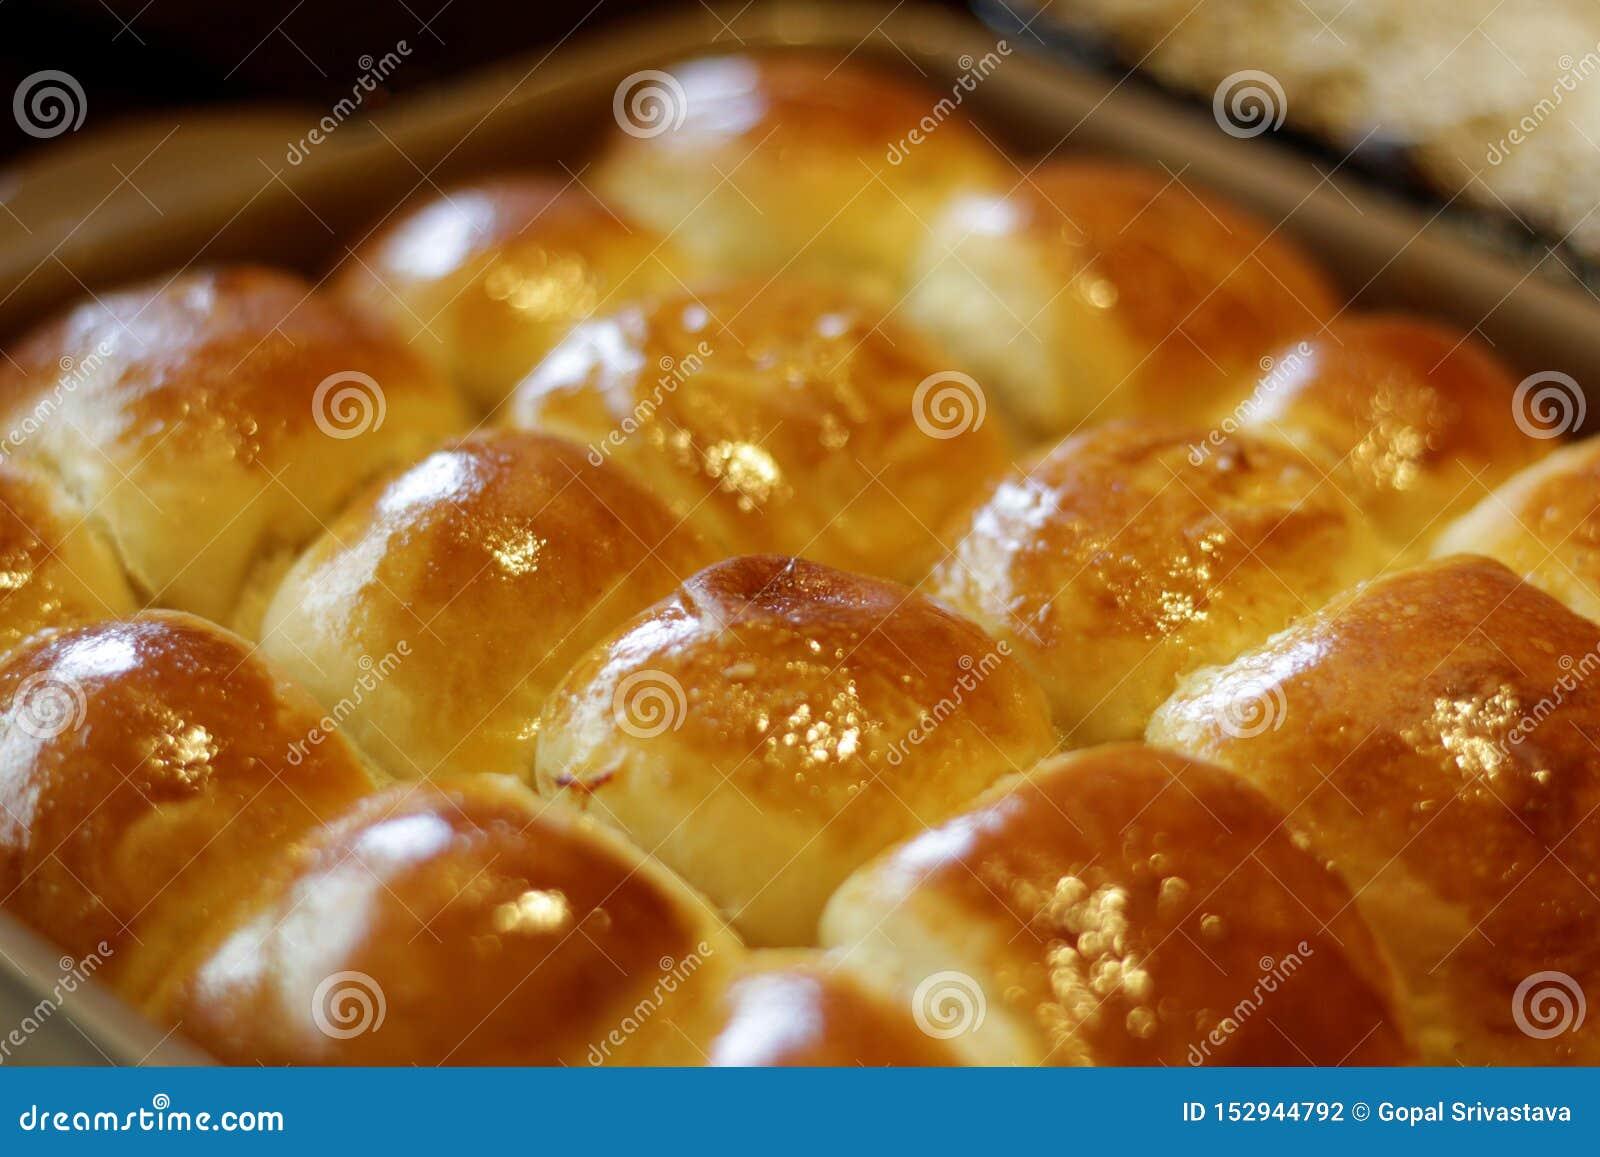 小圆面包直接从烤箱